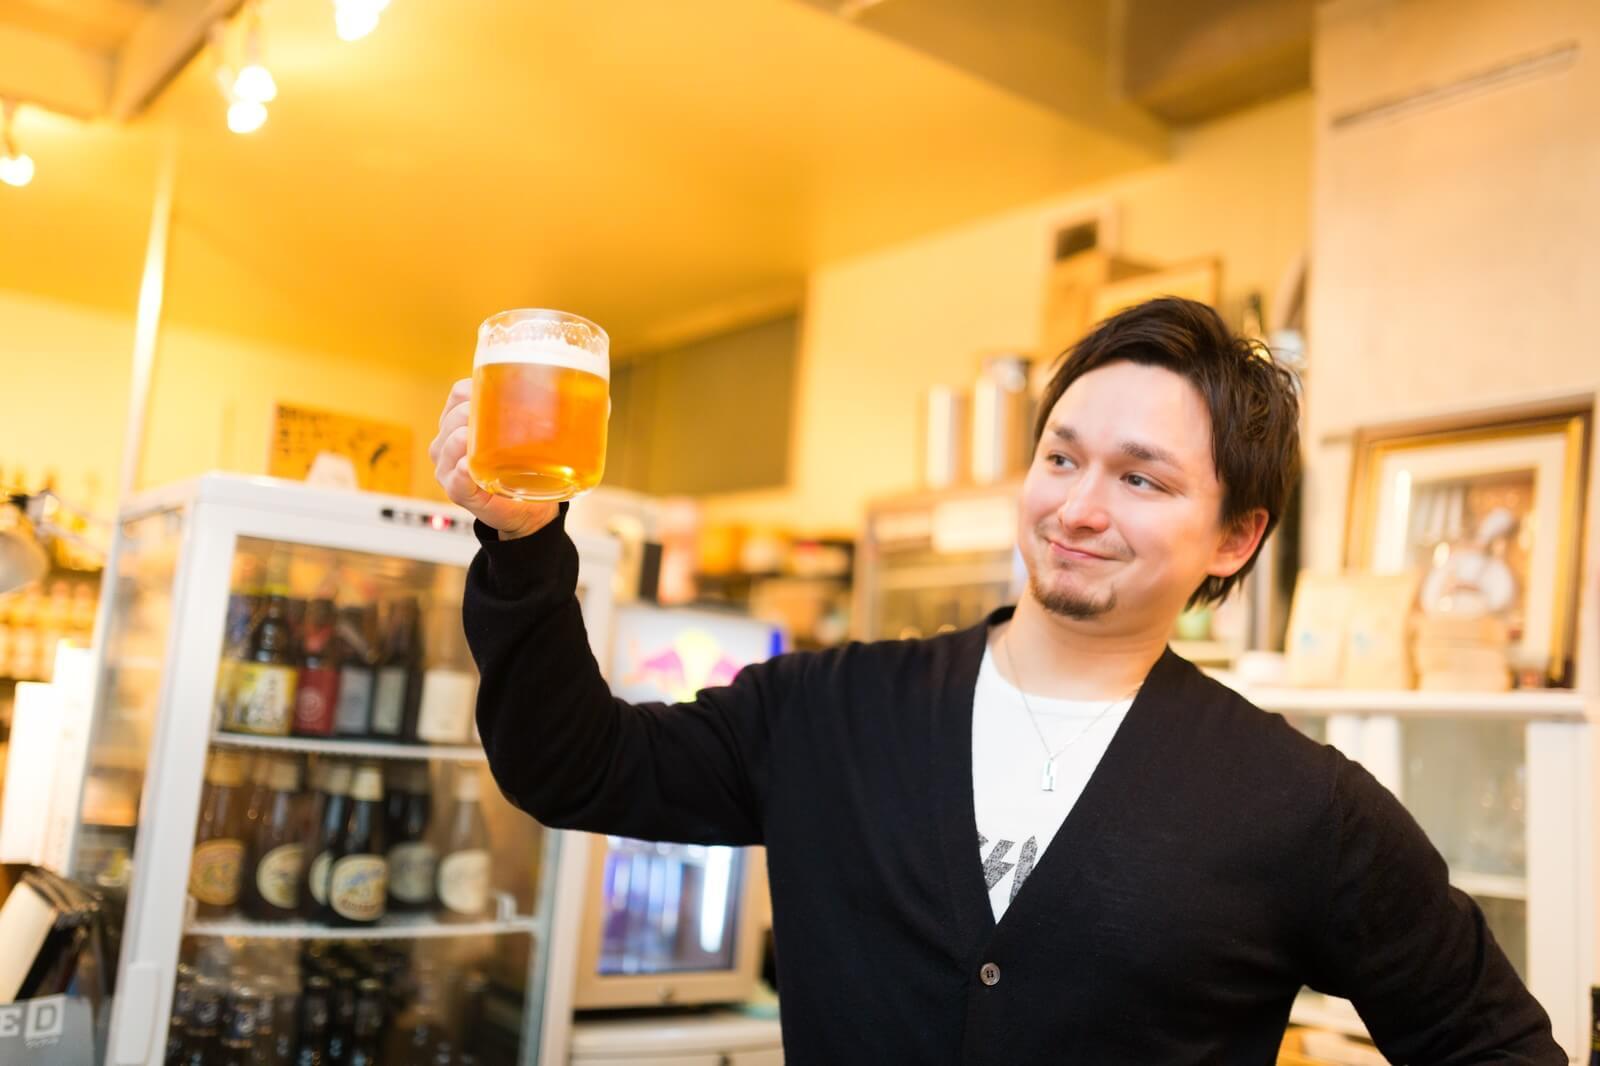 【ビールを飲み過ぎると太る?】いいえ、そんなコトないんです!